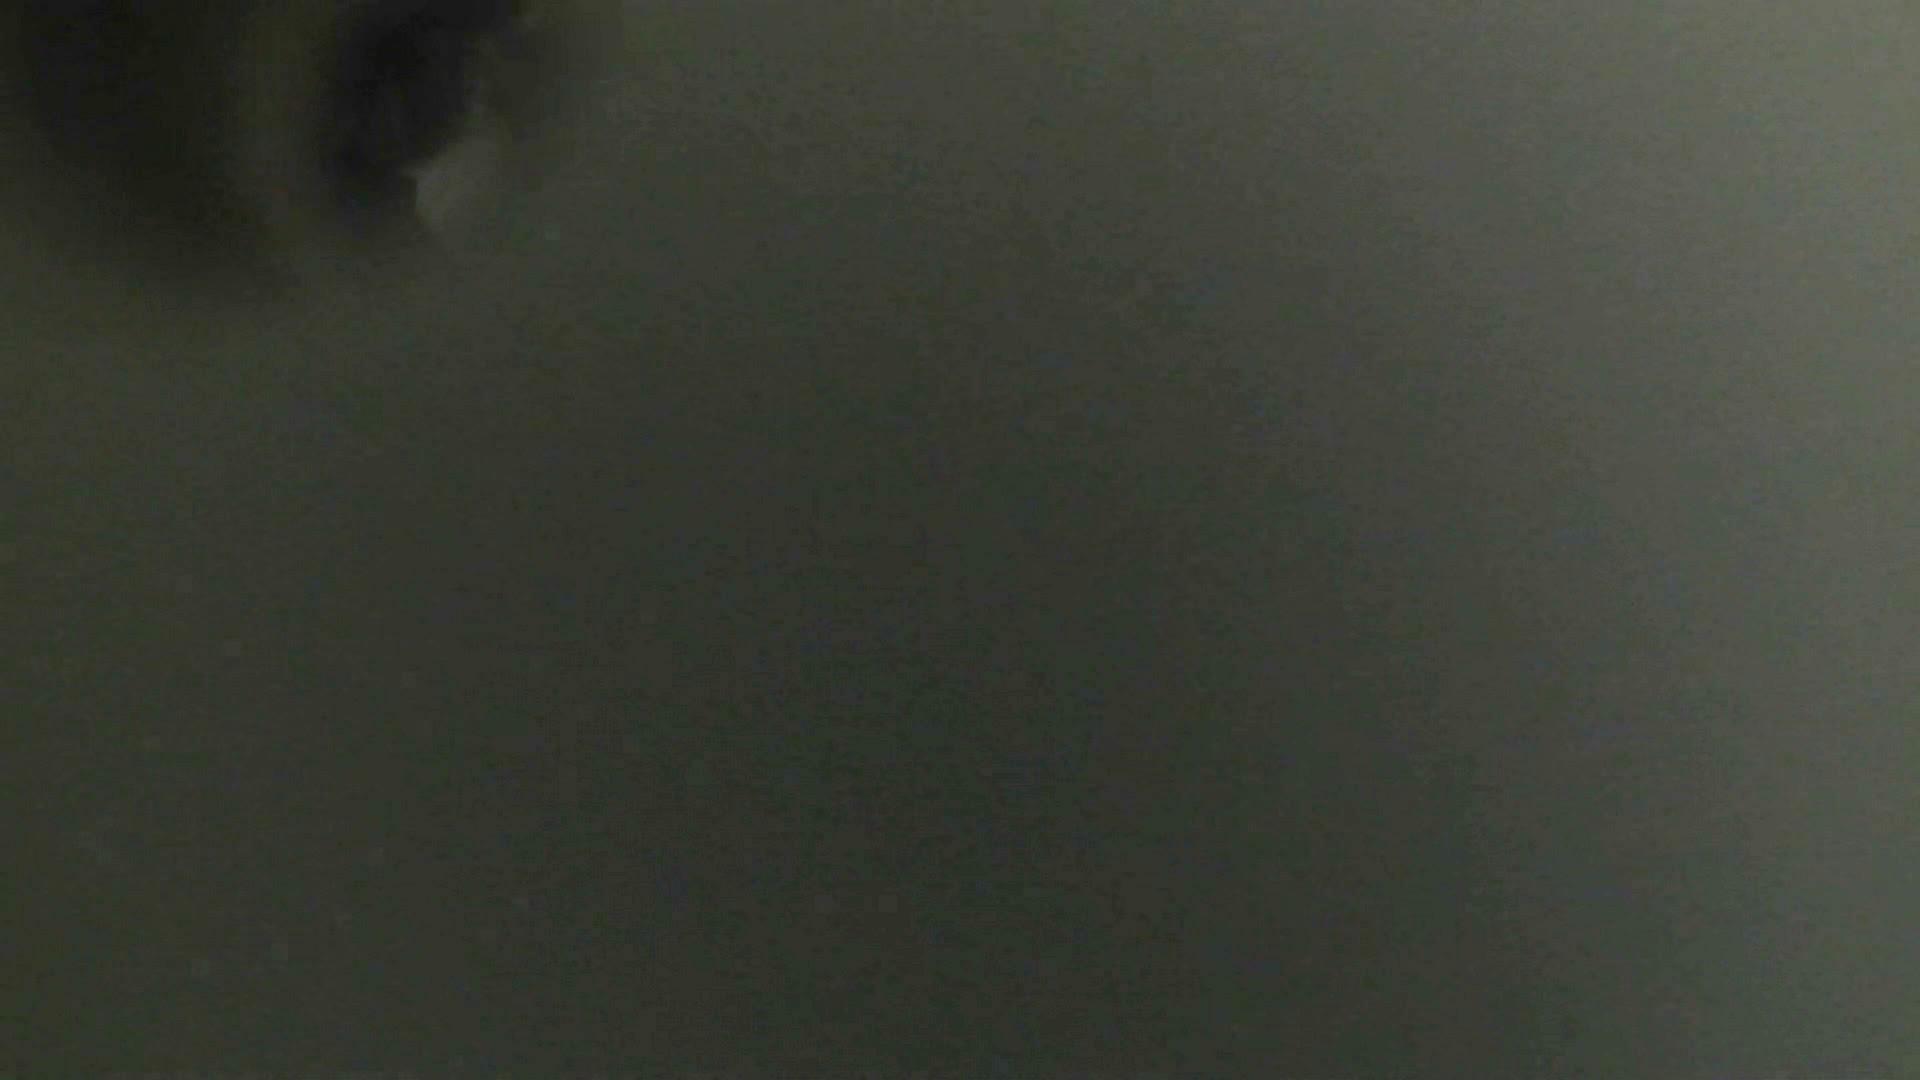 お市さんの「お尻丸出しジャンボリー」No.2 丸見え ぱこり動画紹介 109画像 73